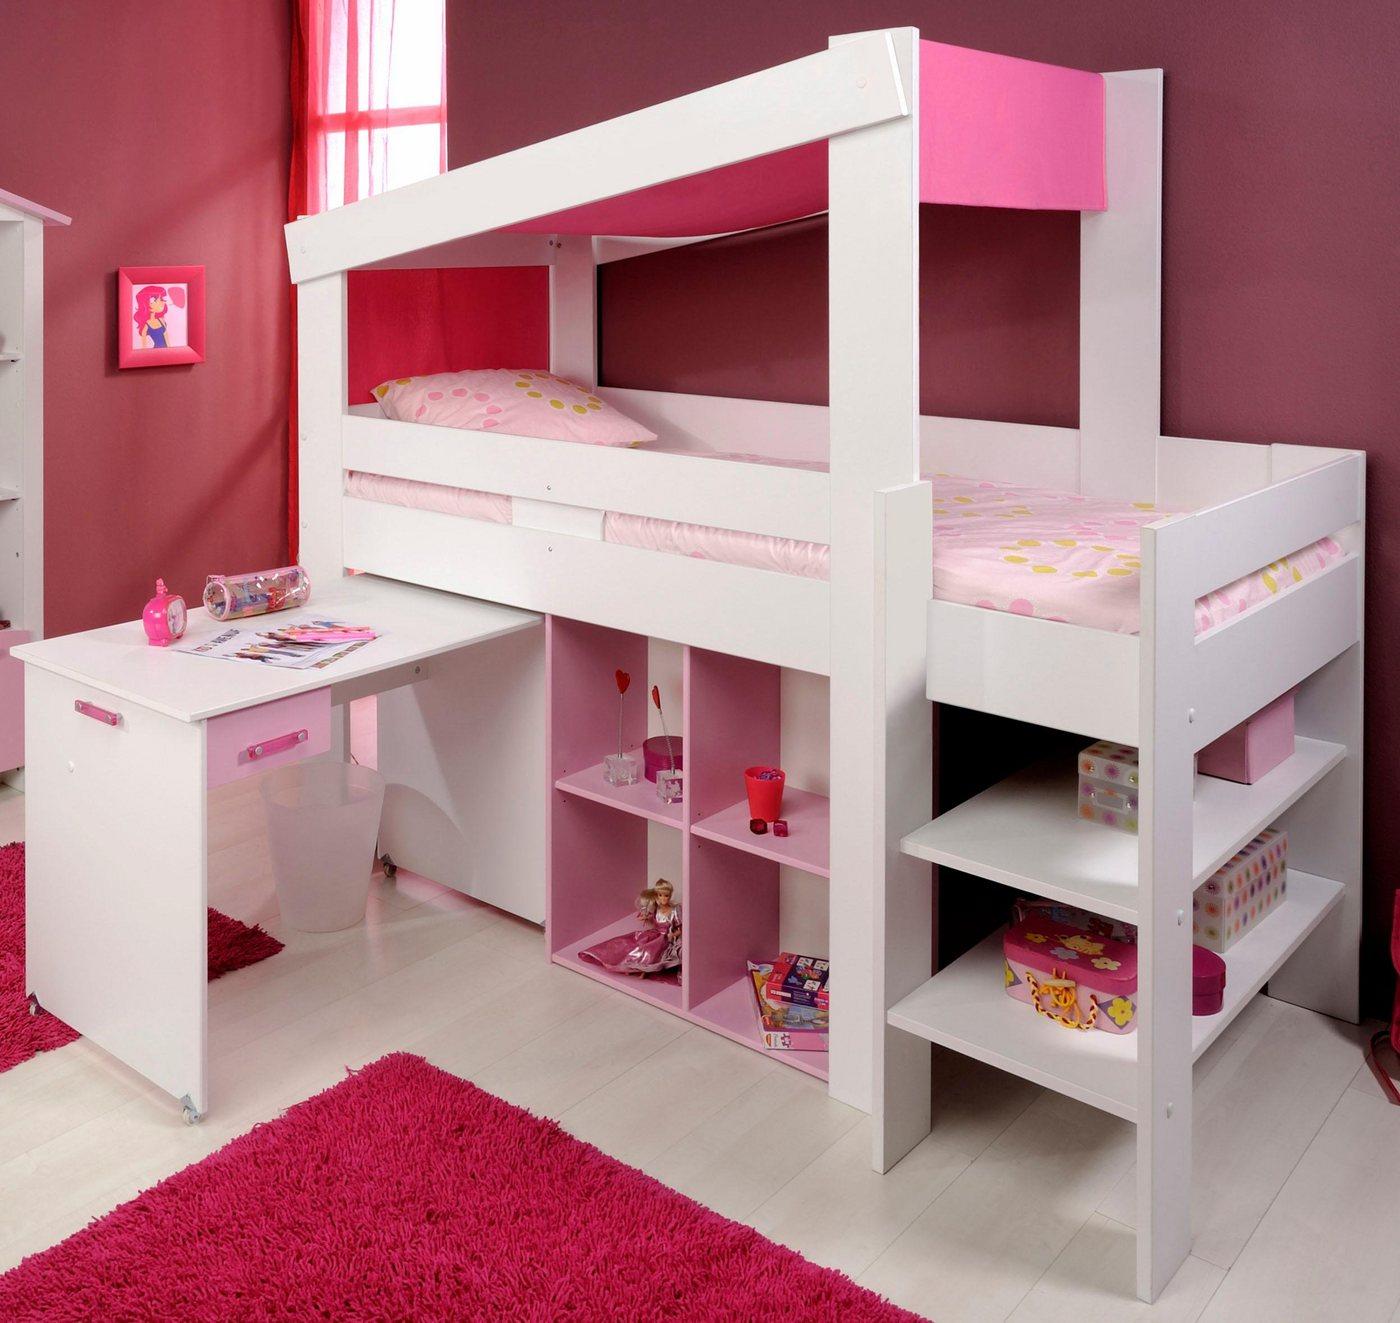 Parisot bed Biotiful